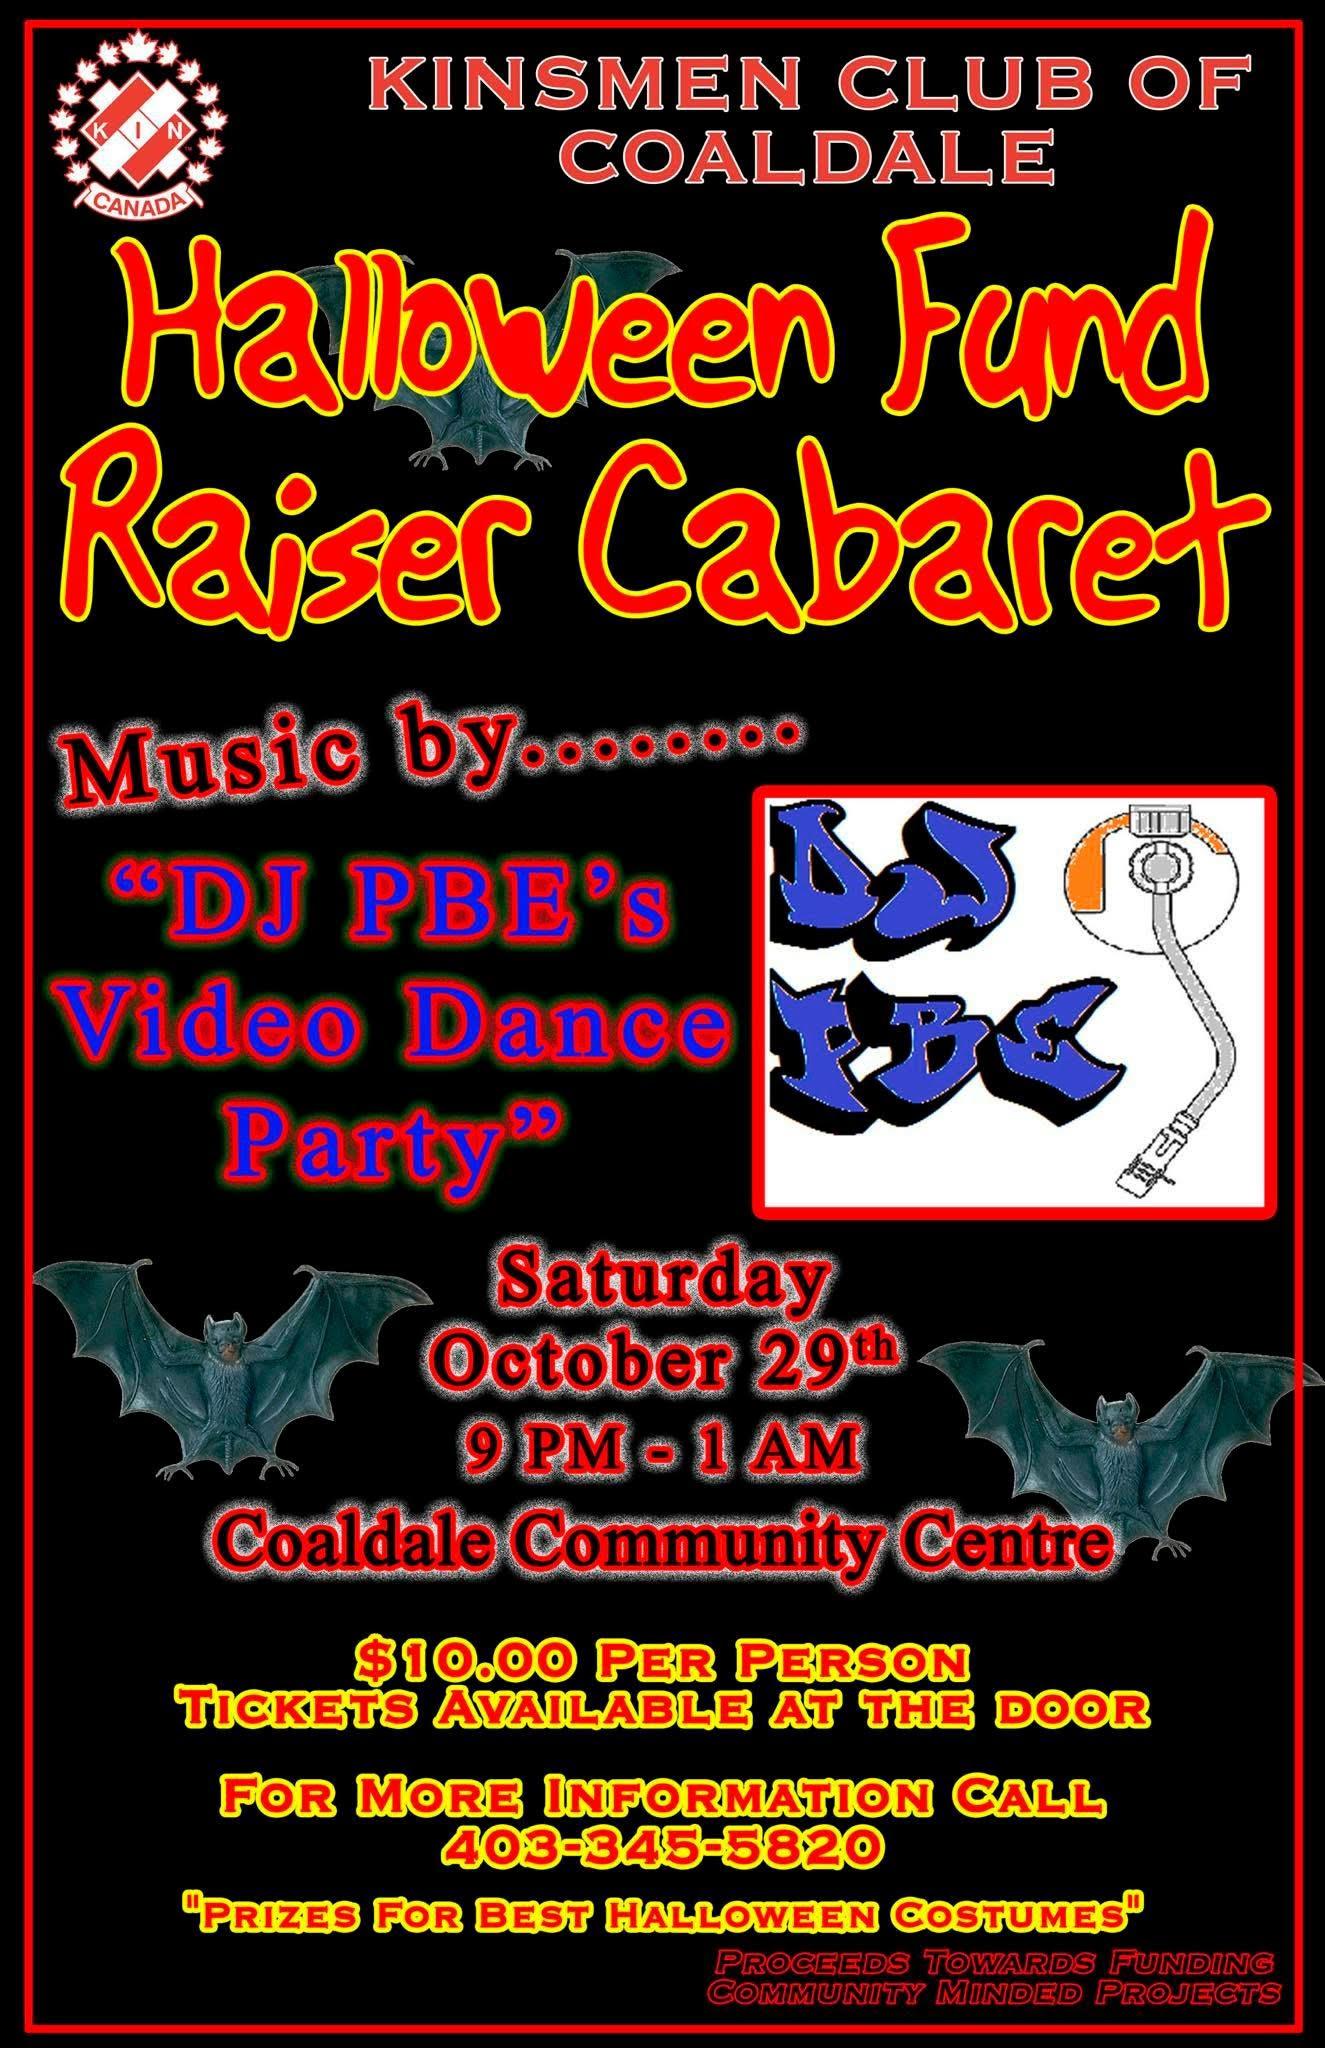 Halloween Fund Raiser Cabaret @ Coaldale Community Center | Coaldale | Alberta | Canada